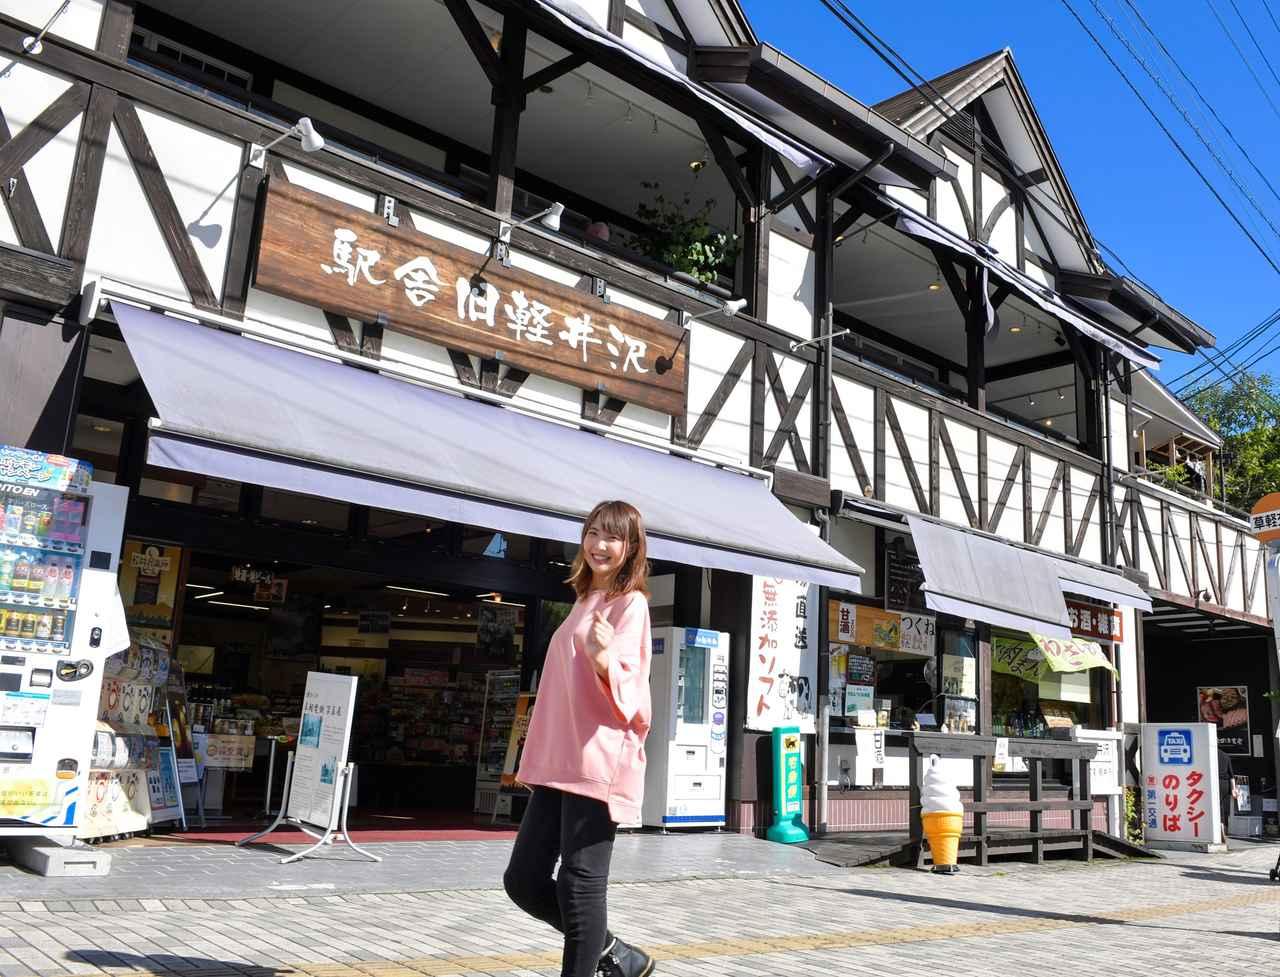 画像1: 旧軽井沢に到着!おしゃれなカフェを探して♪